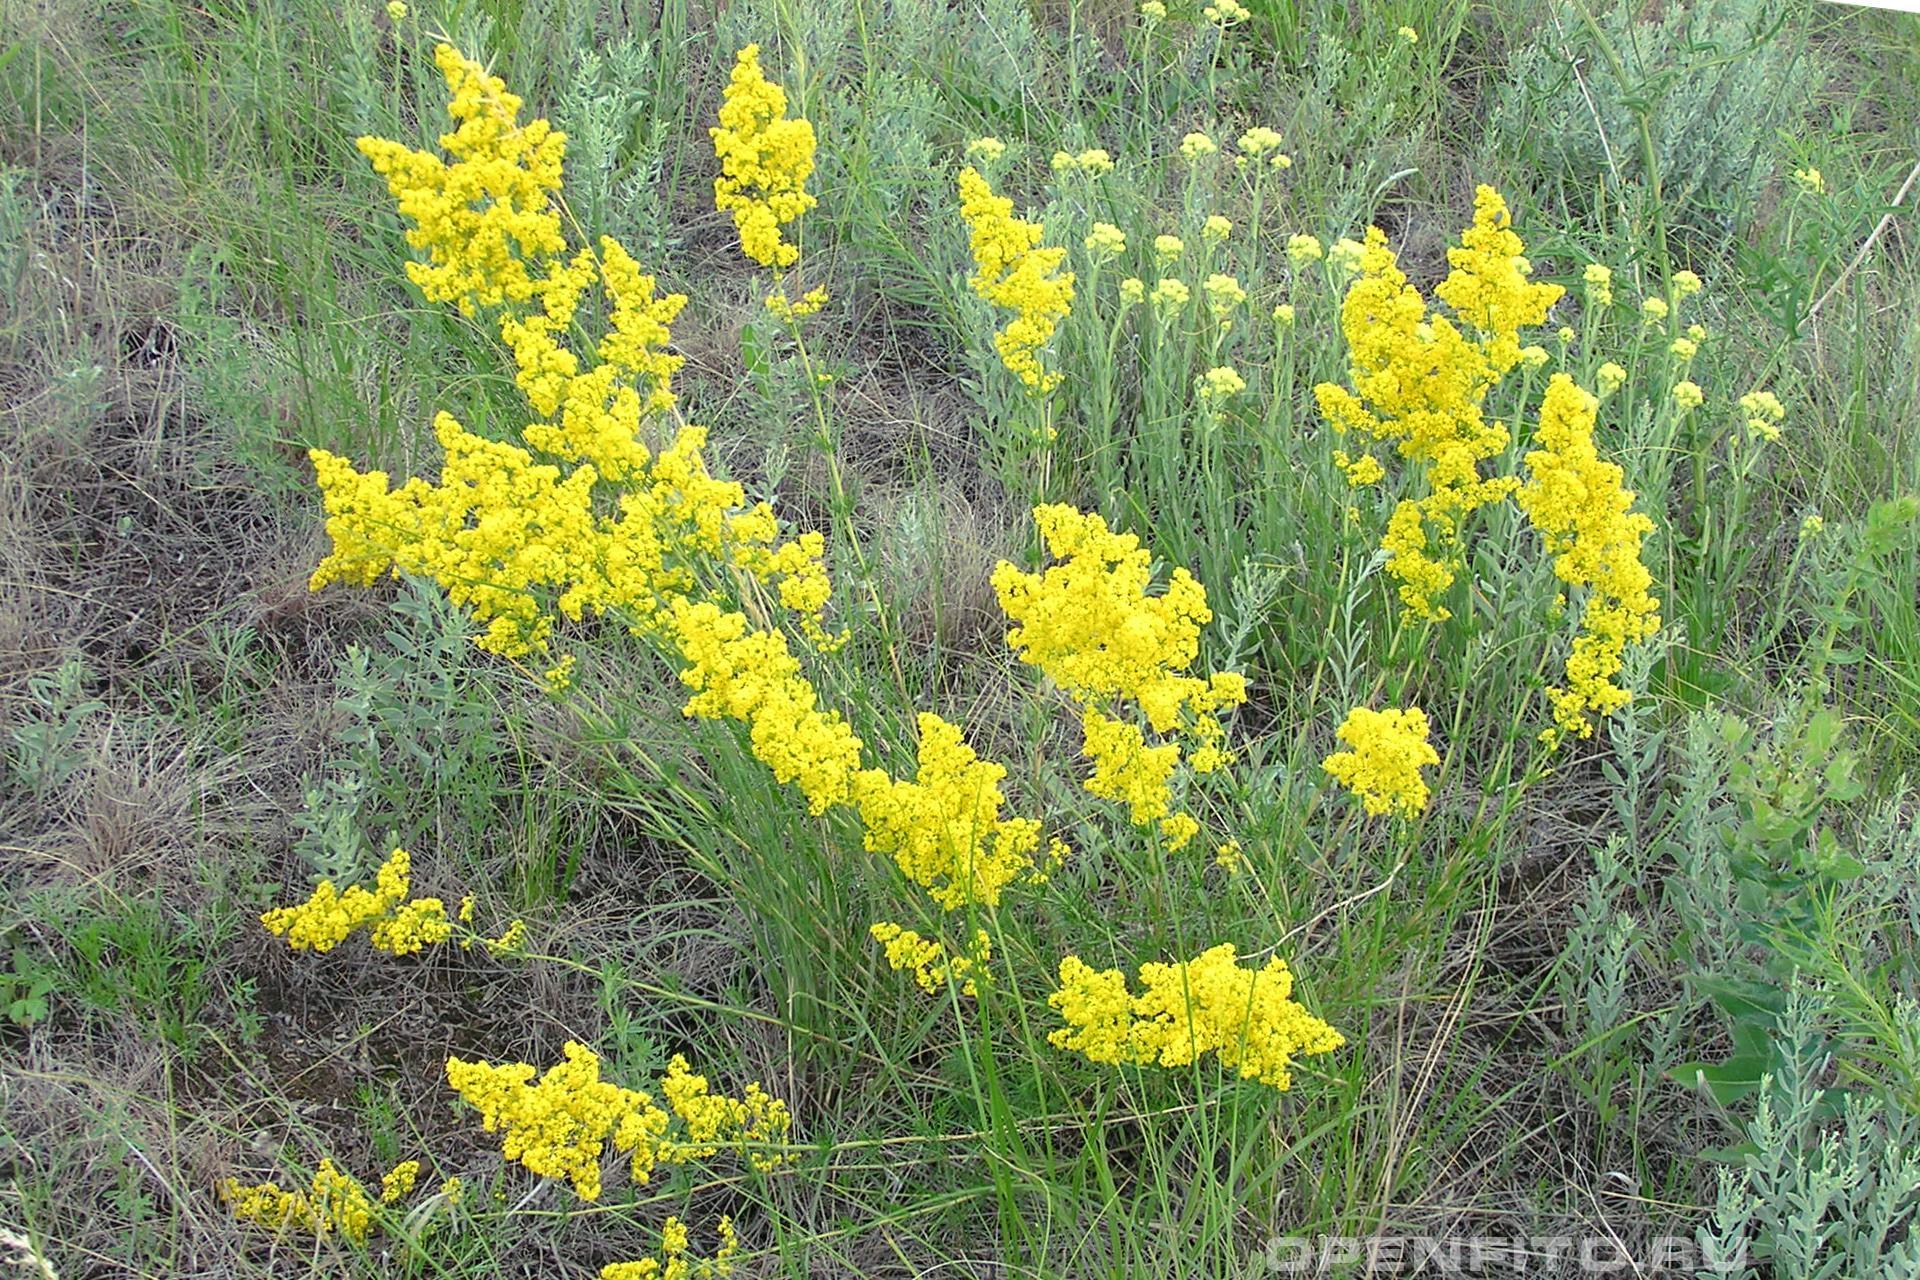 Подмаренник настоящий или подмаренник желтый, именно это растение признано официальной медициной